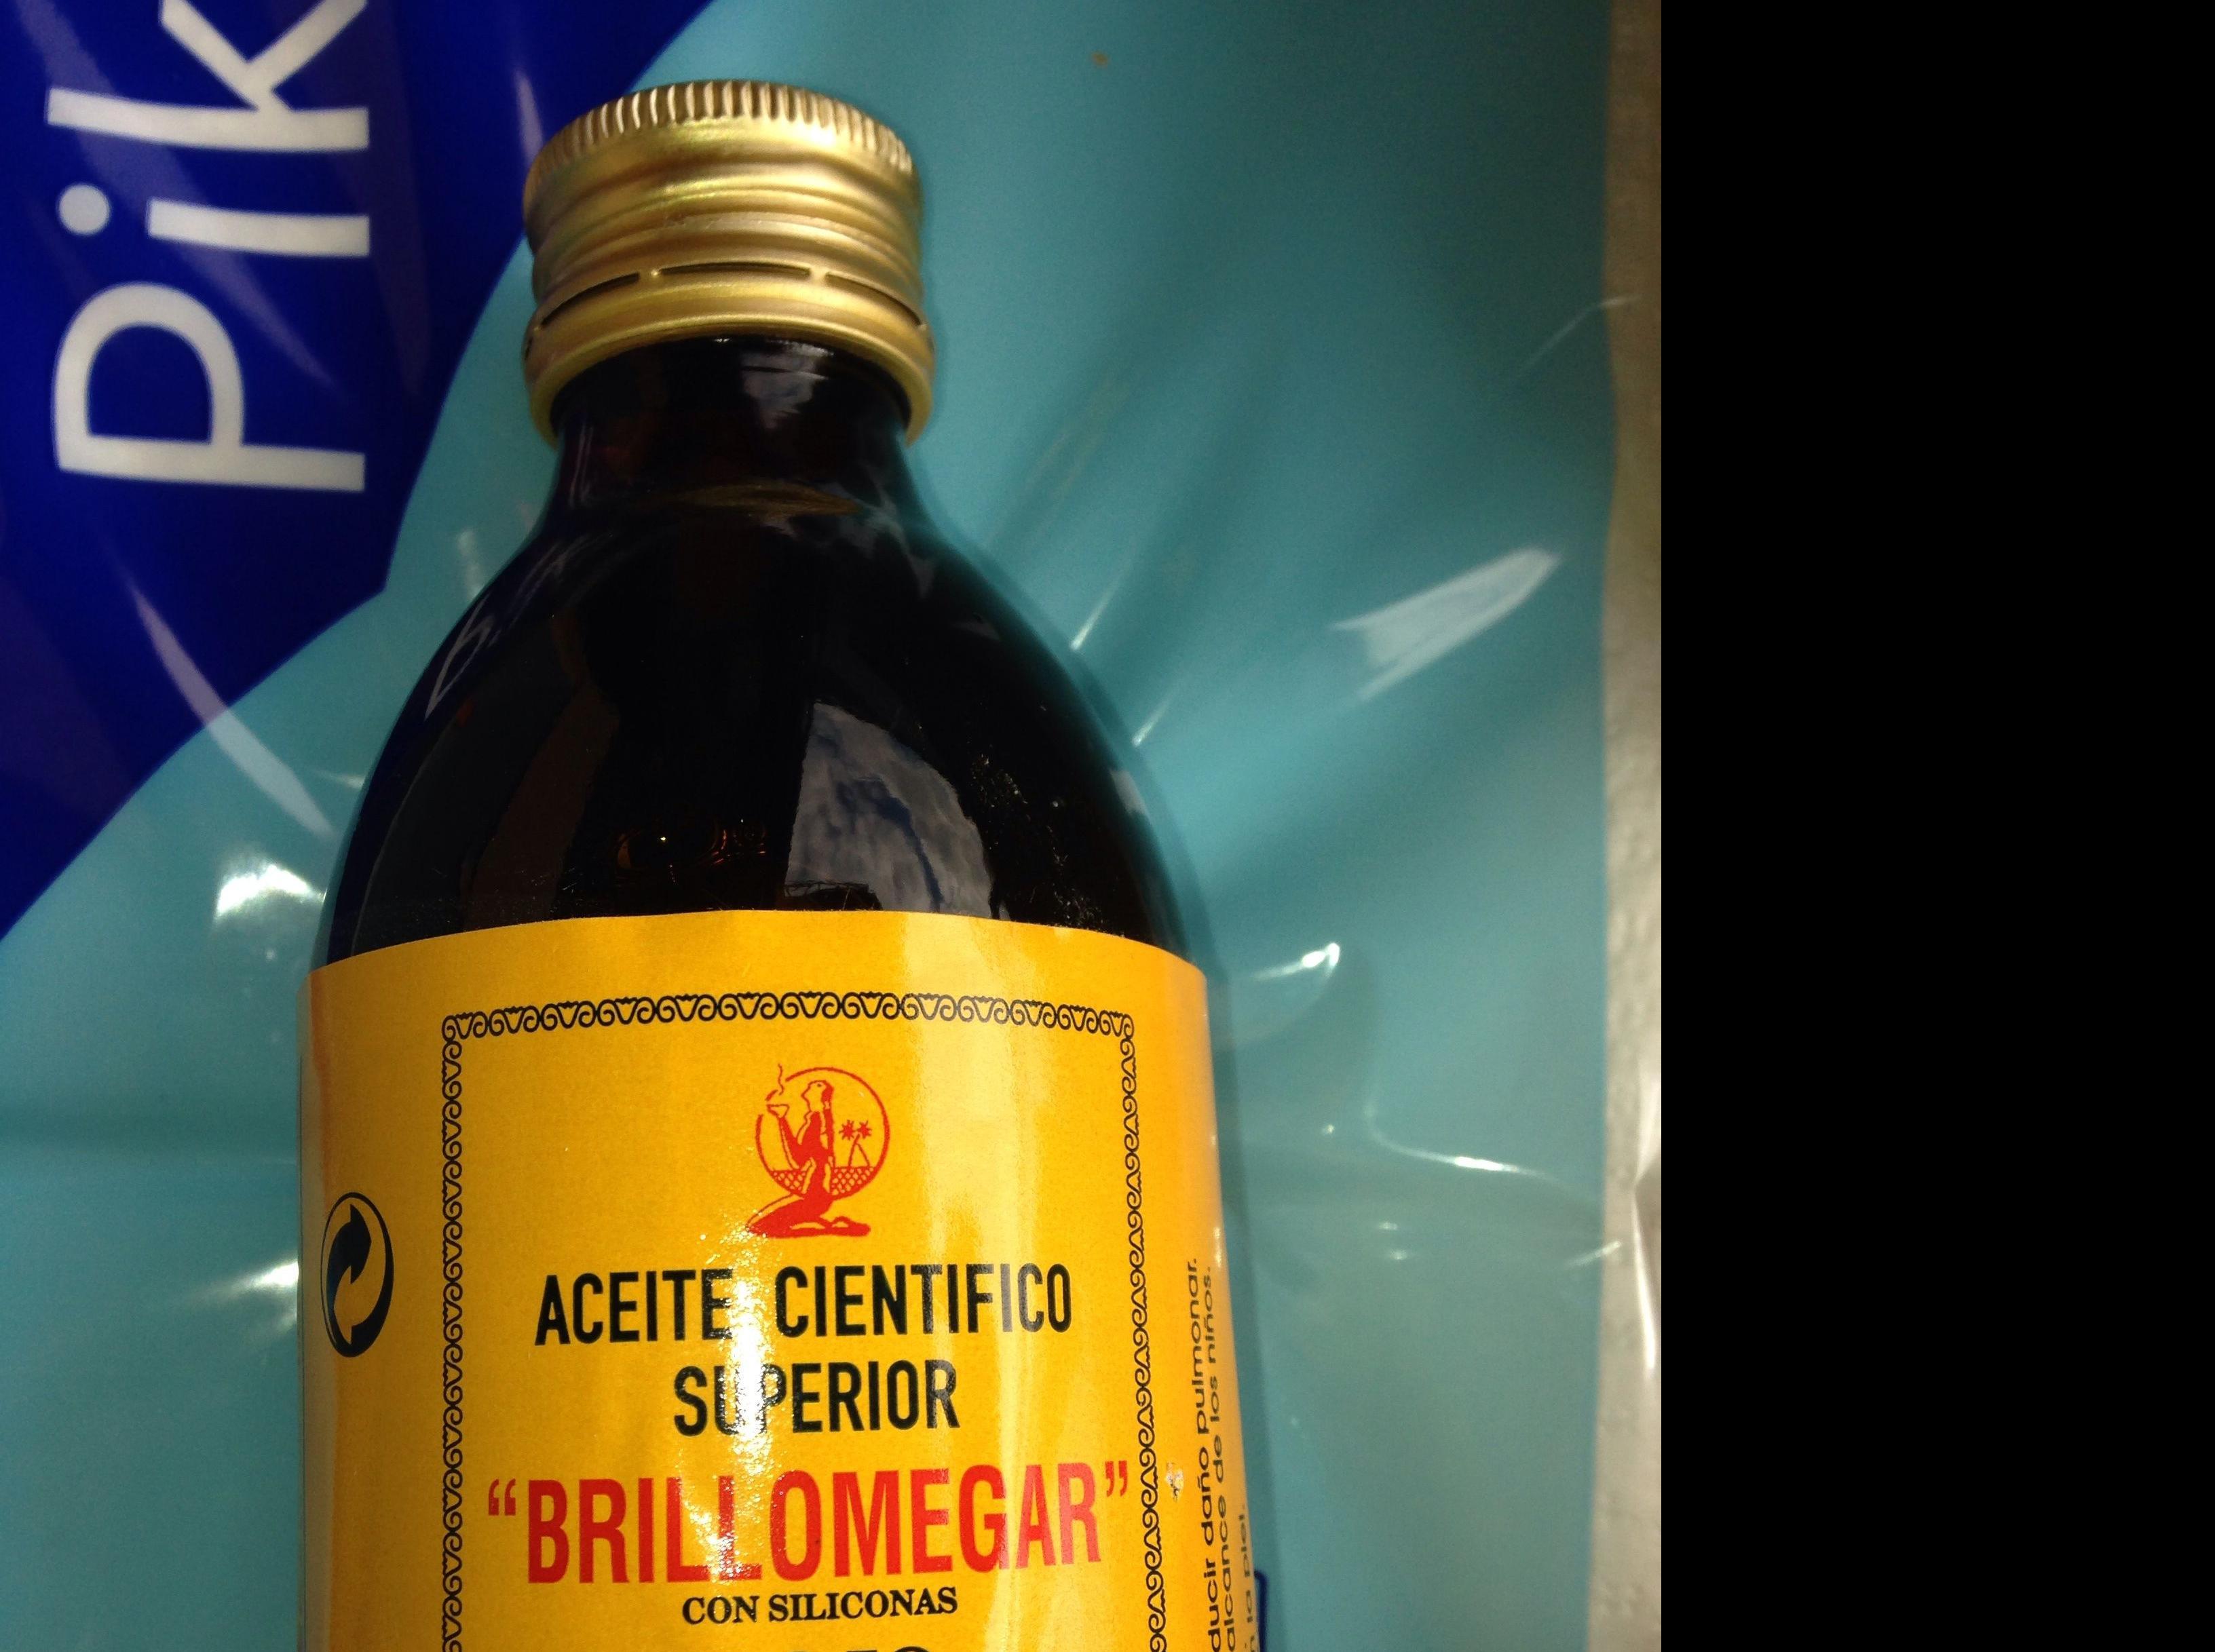 Aceite científico